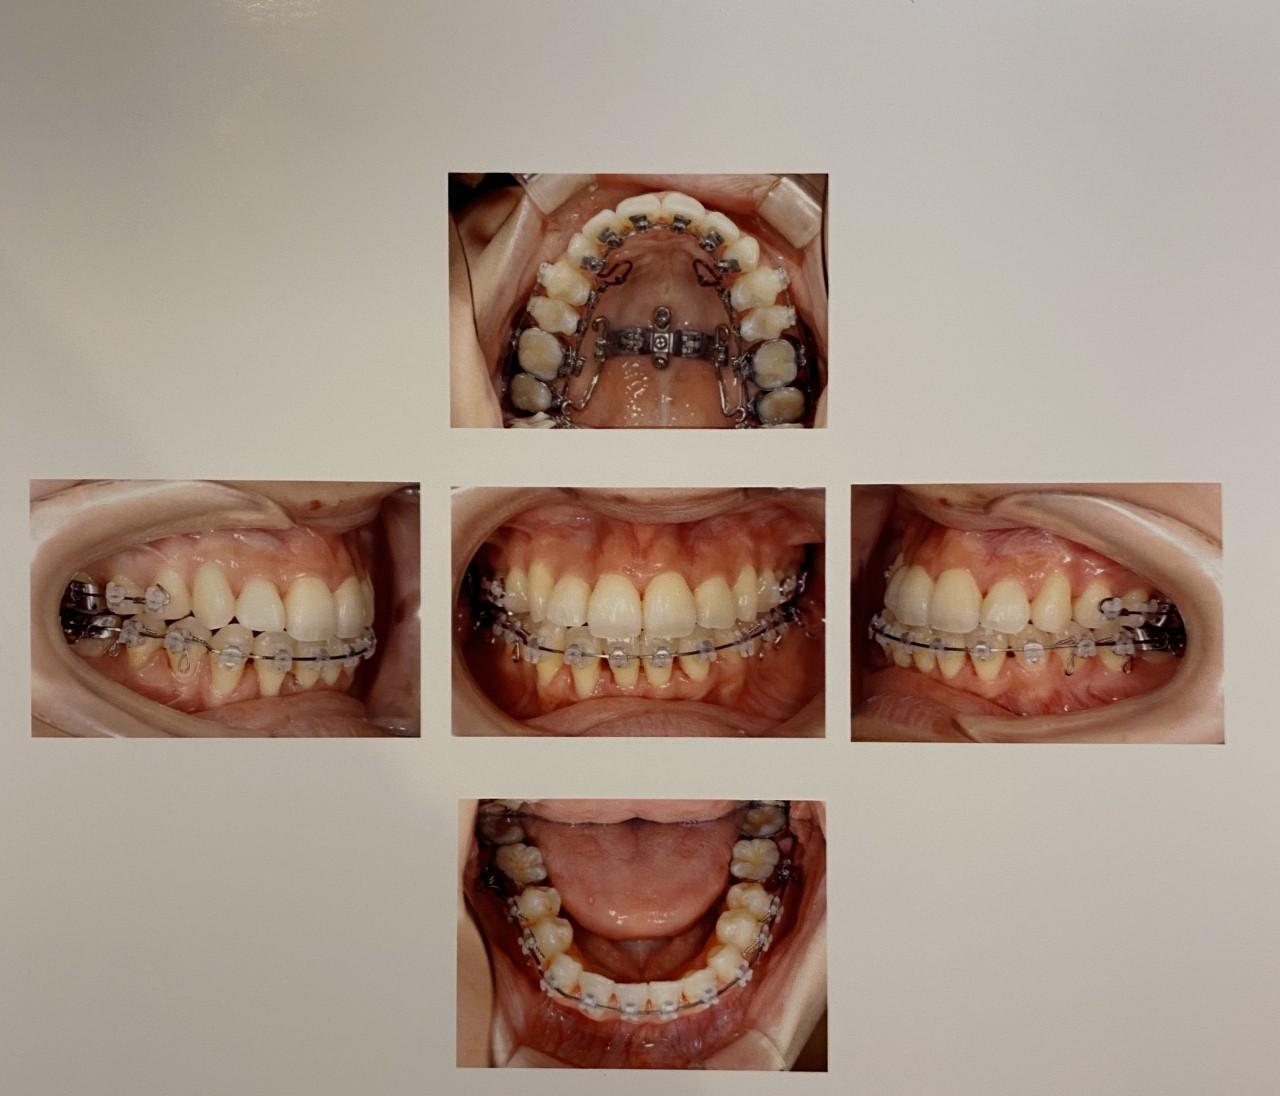 【大人の歯列矯正】アラサーの大事な4年を捧げた歯並び改善の、その後